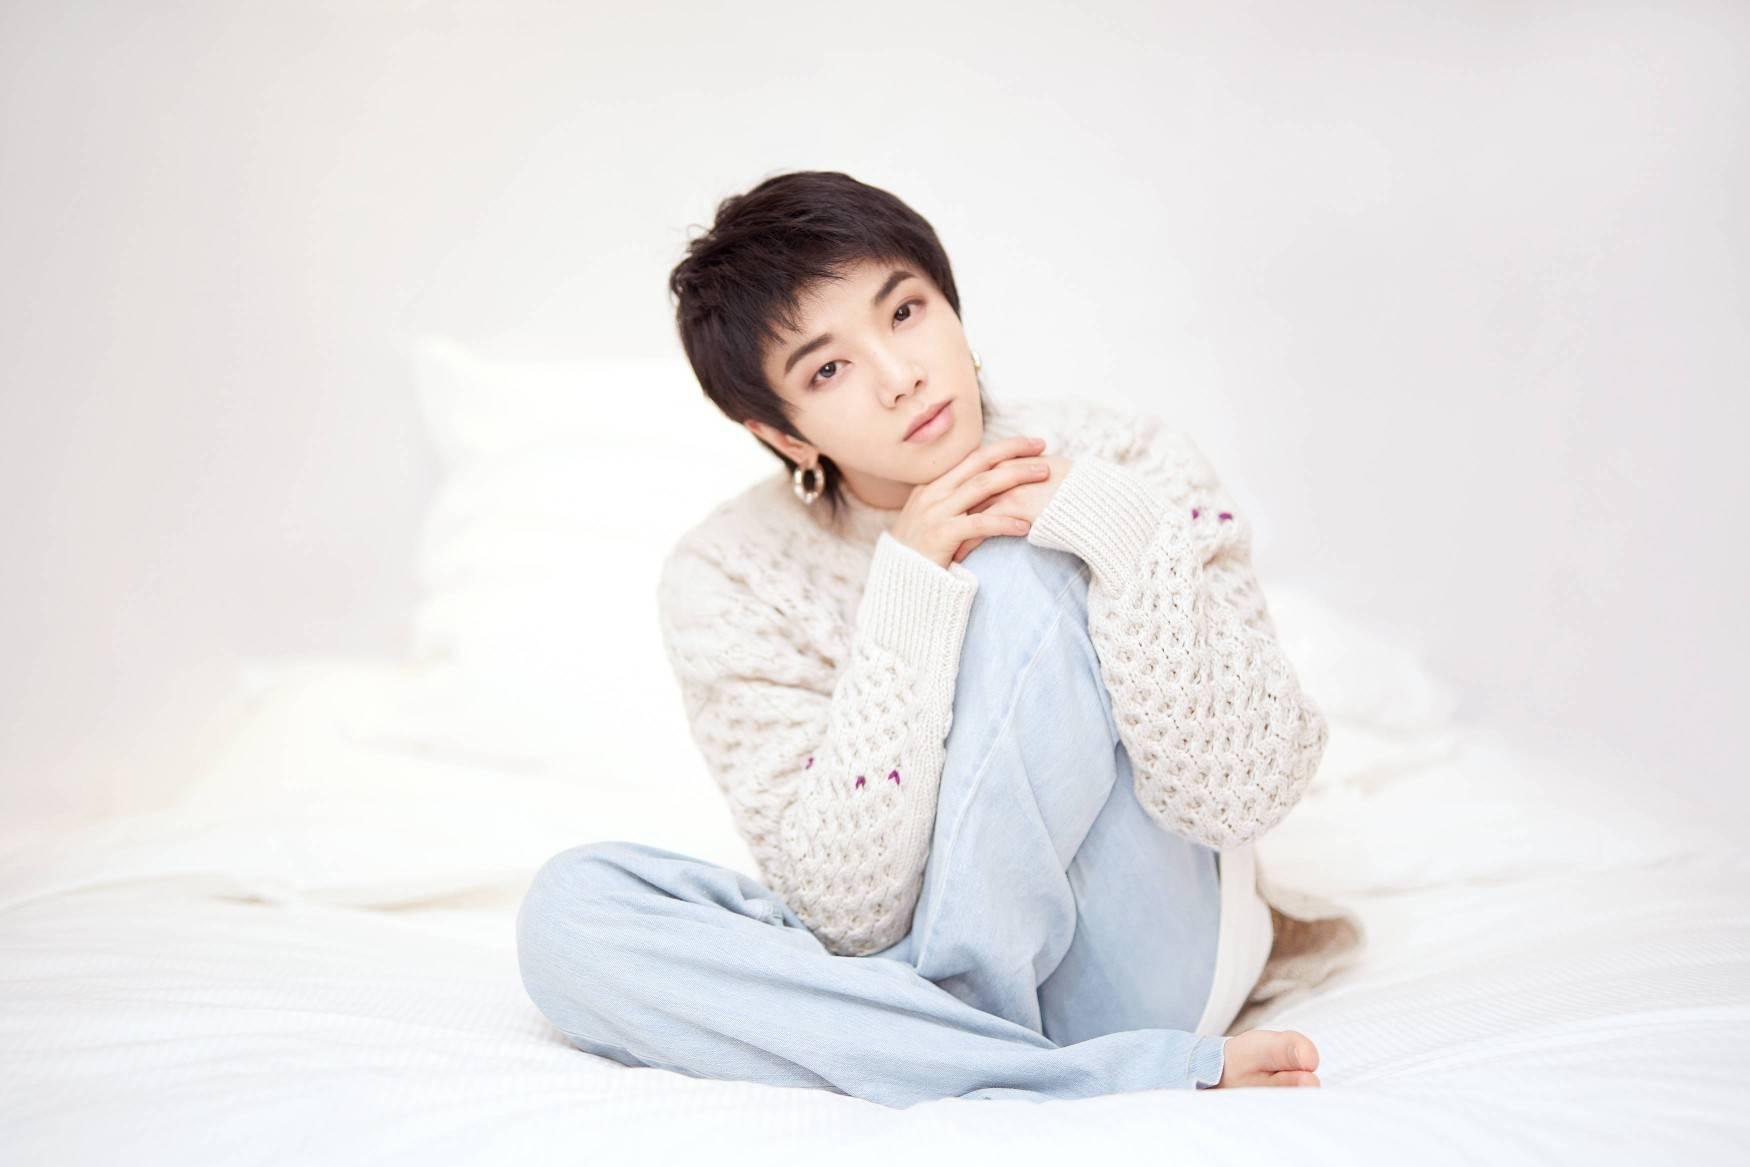 华晨宇承认与张碧晨孕育一子!女方在男方不知情时独自孕育生子